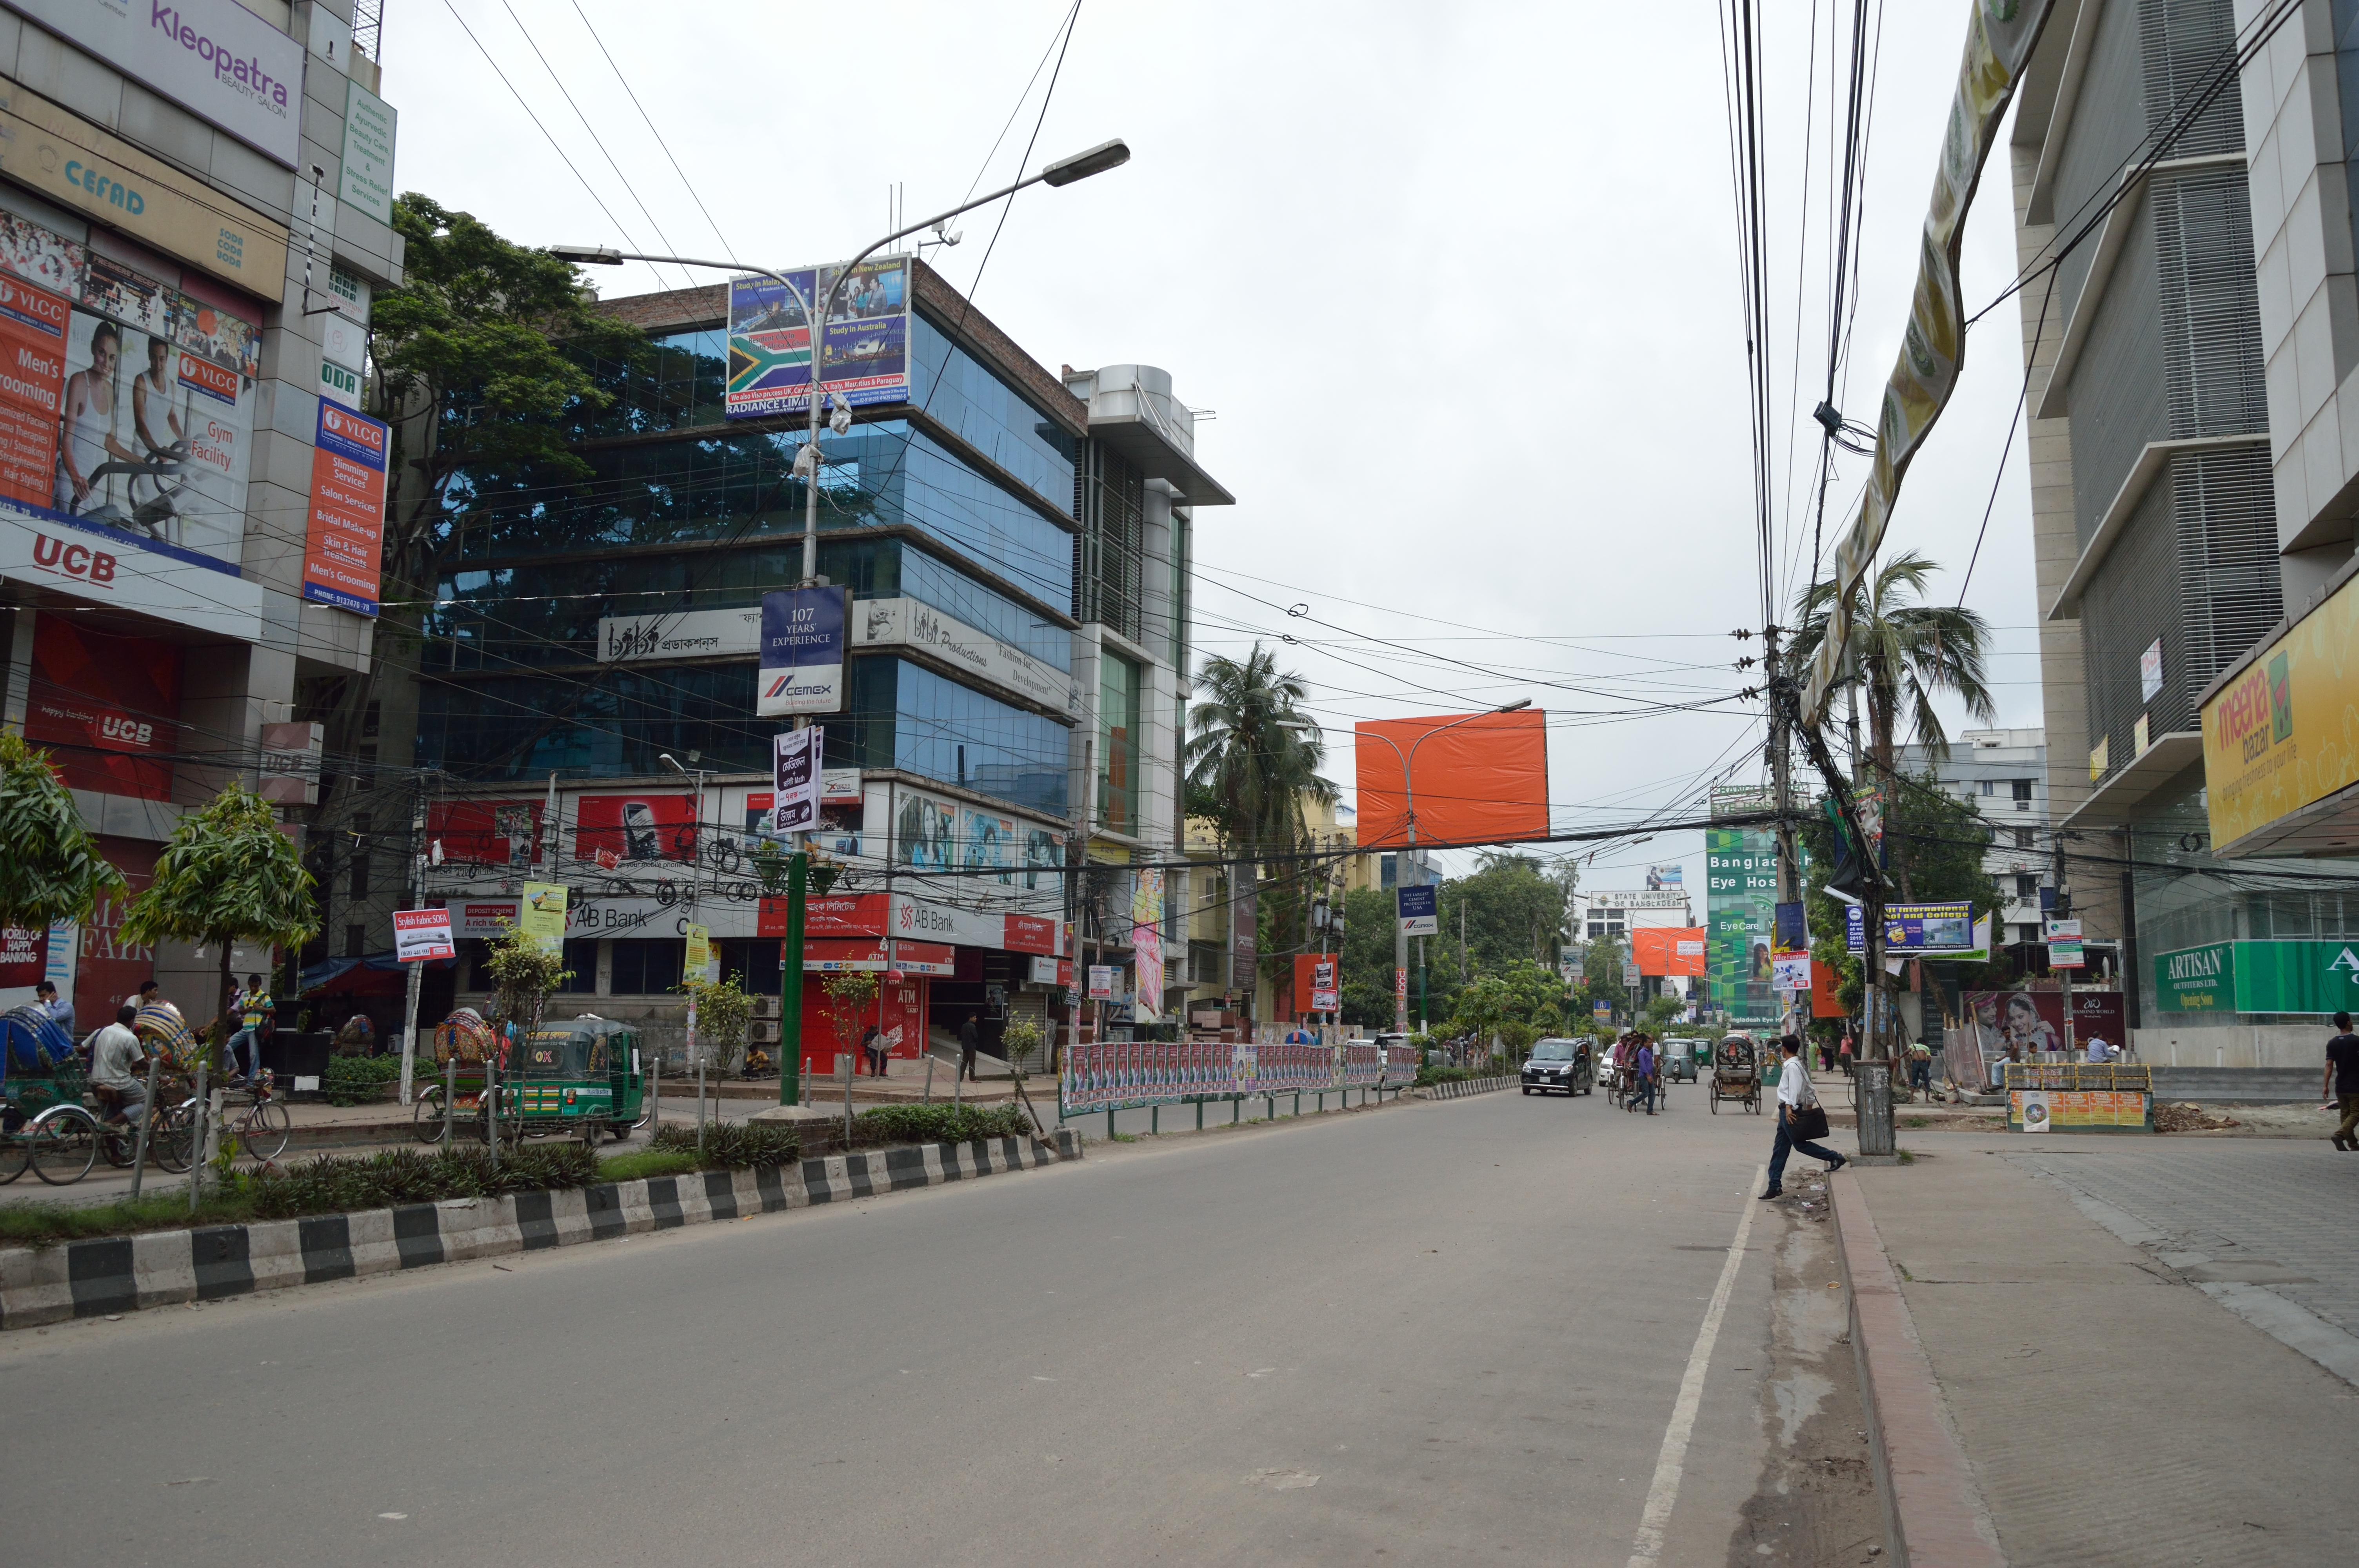 File:Road 16 - Dhanmondi Residential Area - Dhaka 2015-05-30 1446